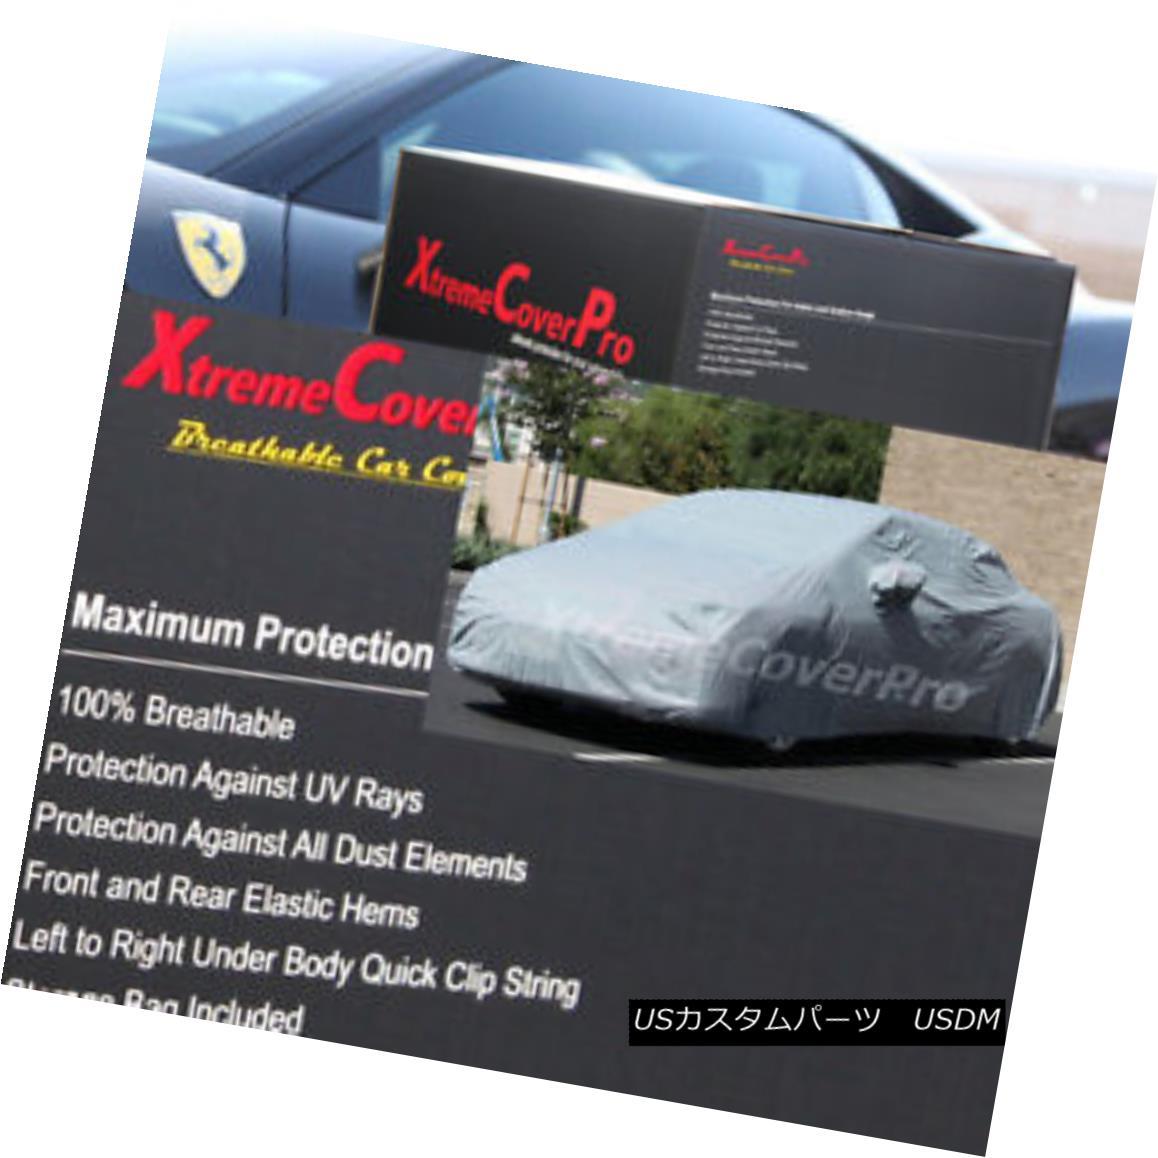 カーカバー 2011 2012 Ford Fiesta Hatchback Breathable Car Cover w/MirrorPocket 2011年フォードフィエスタハッチバック通気性車カバー付きMirrorPocket